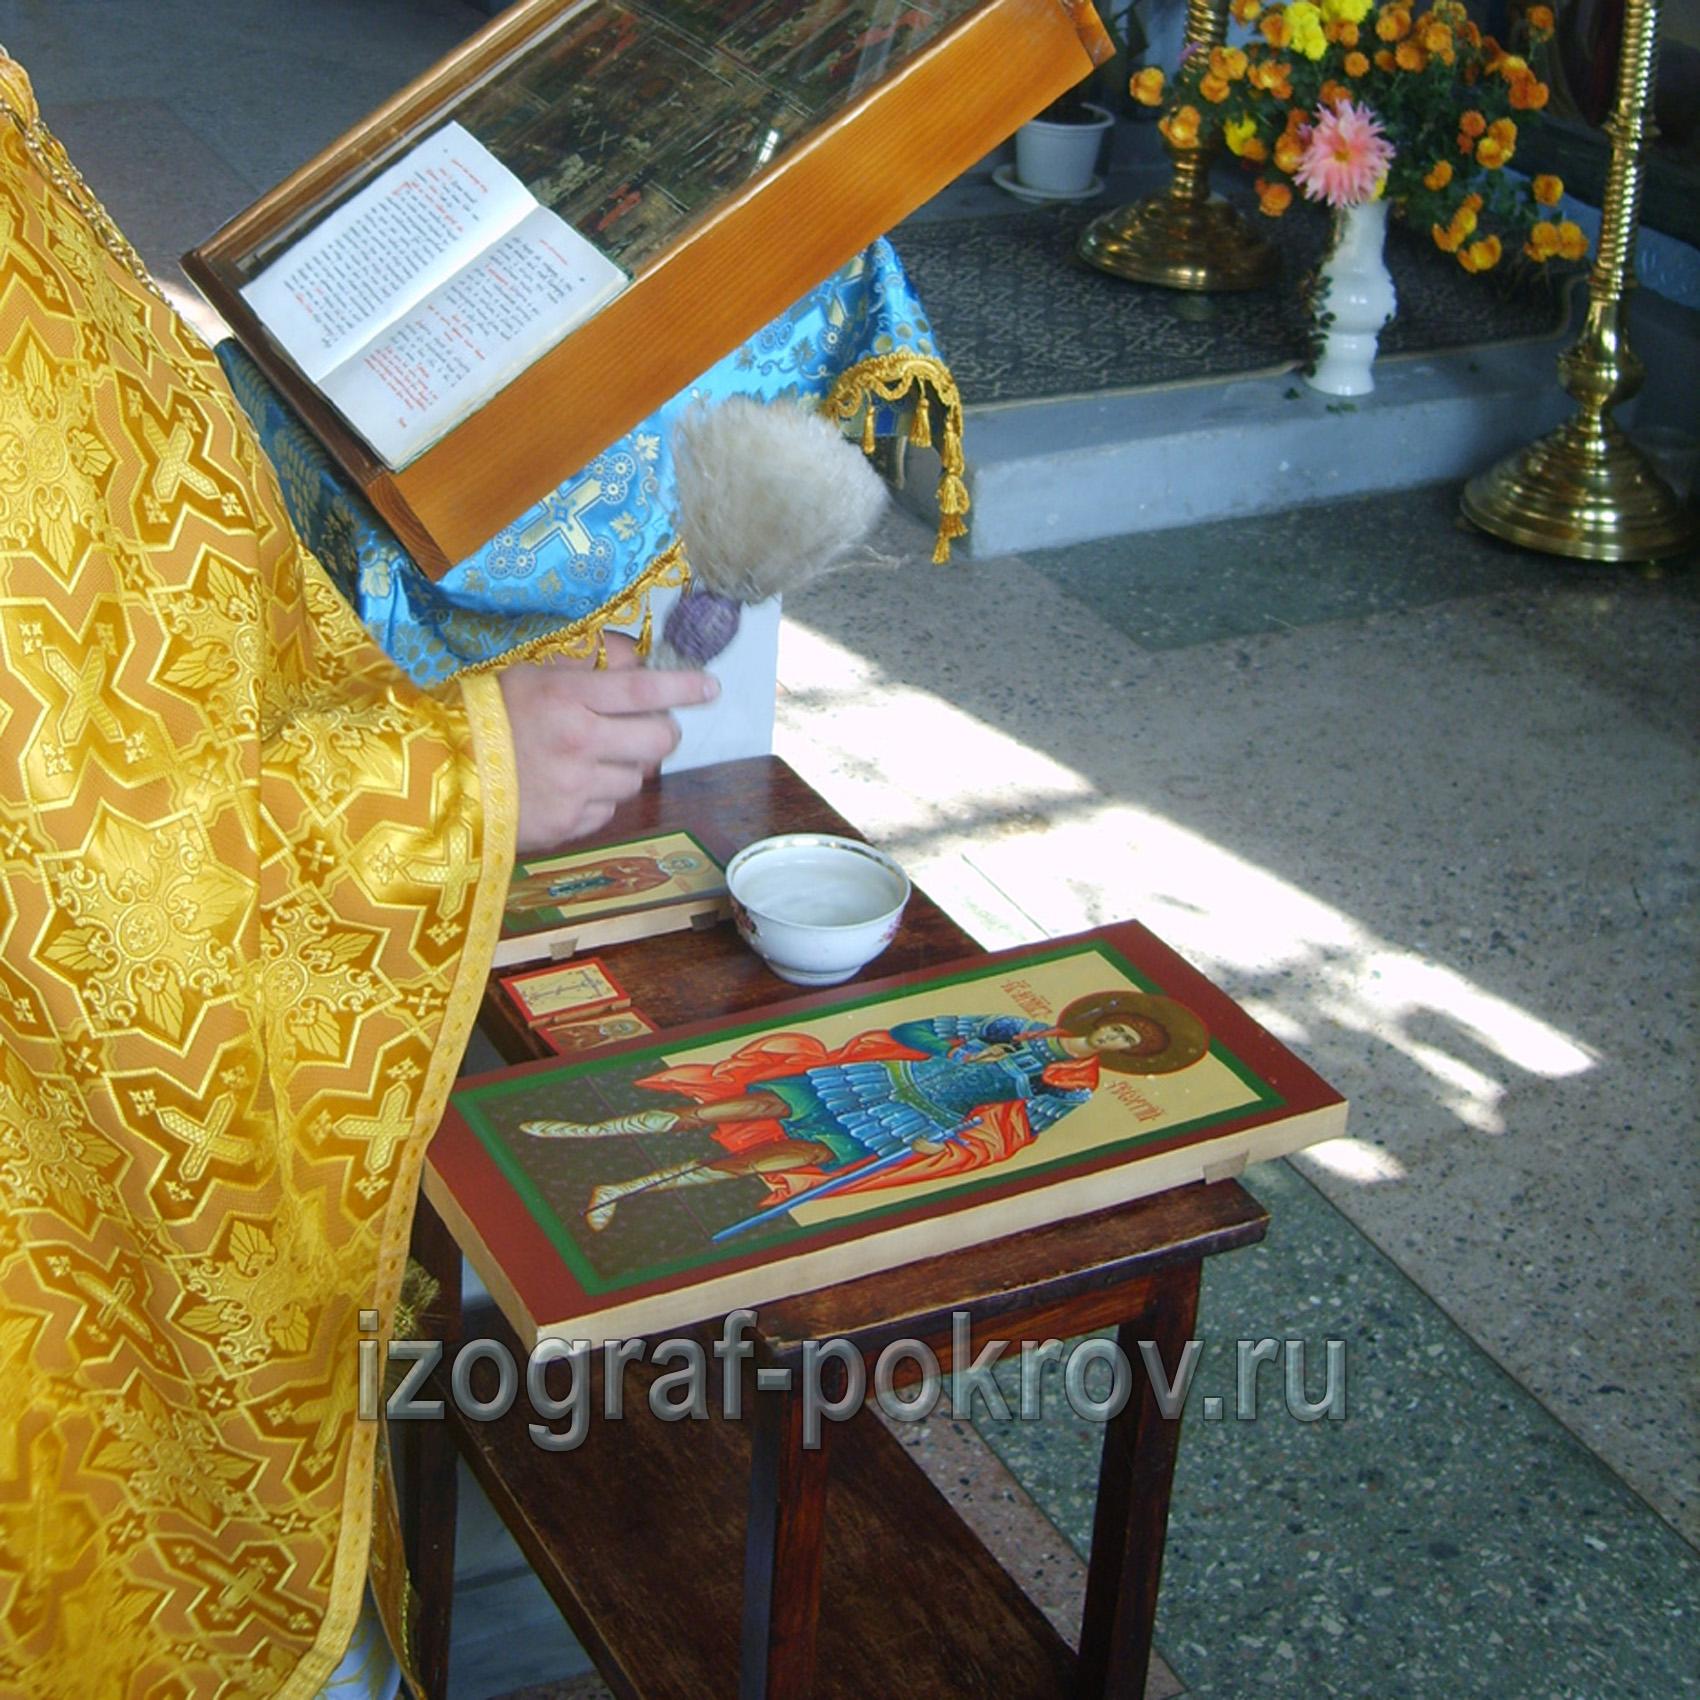 Готовая икона Георгий Победоносец освящалась в храме Покрова Пресвятой Богородицы